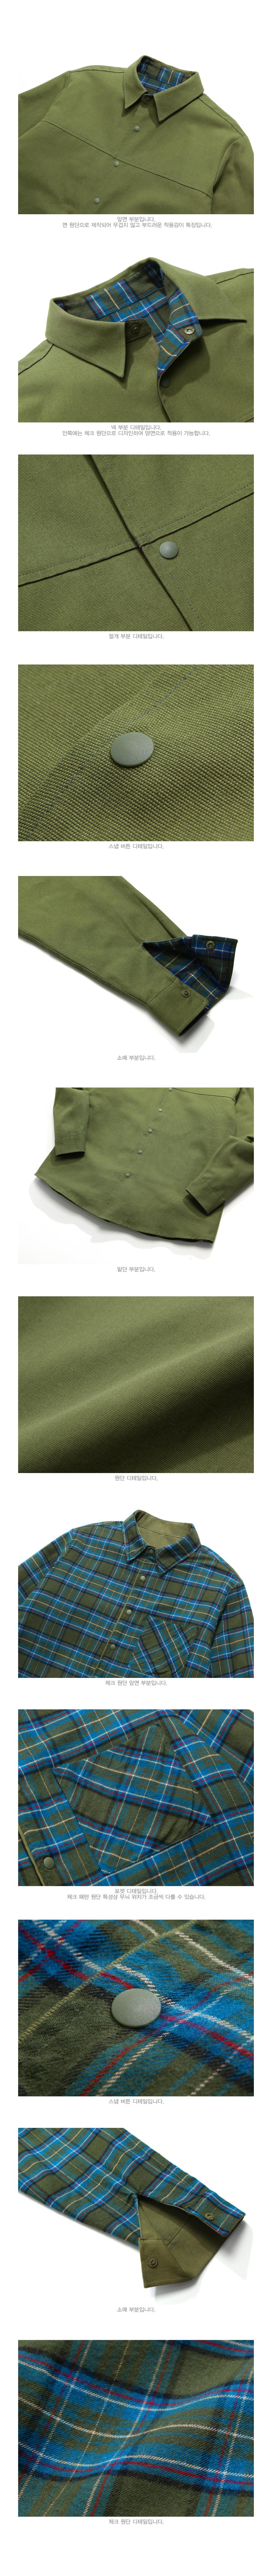 [페플] 듀얼 리버시블 카라셔츠자켓 3종 JHLS1136